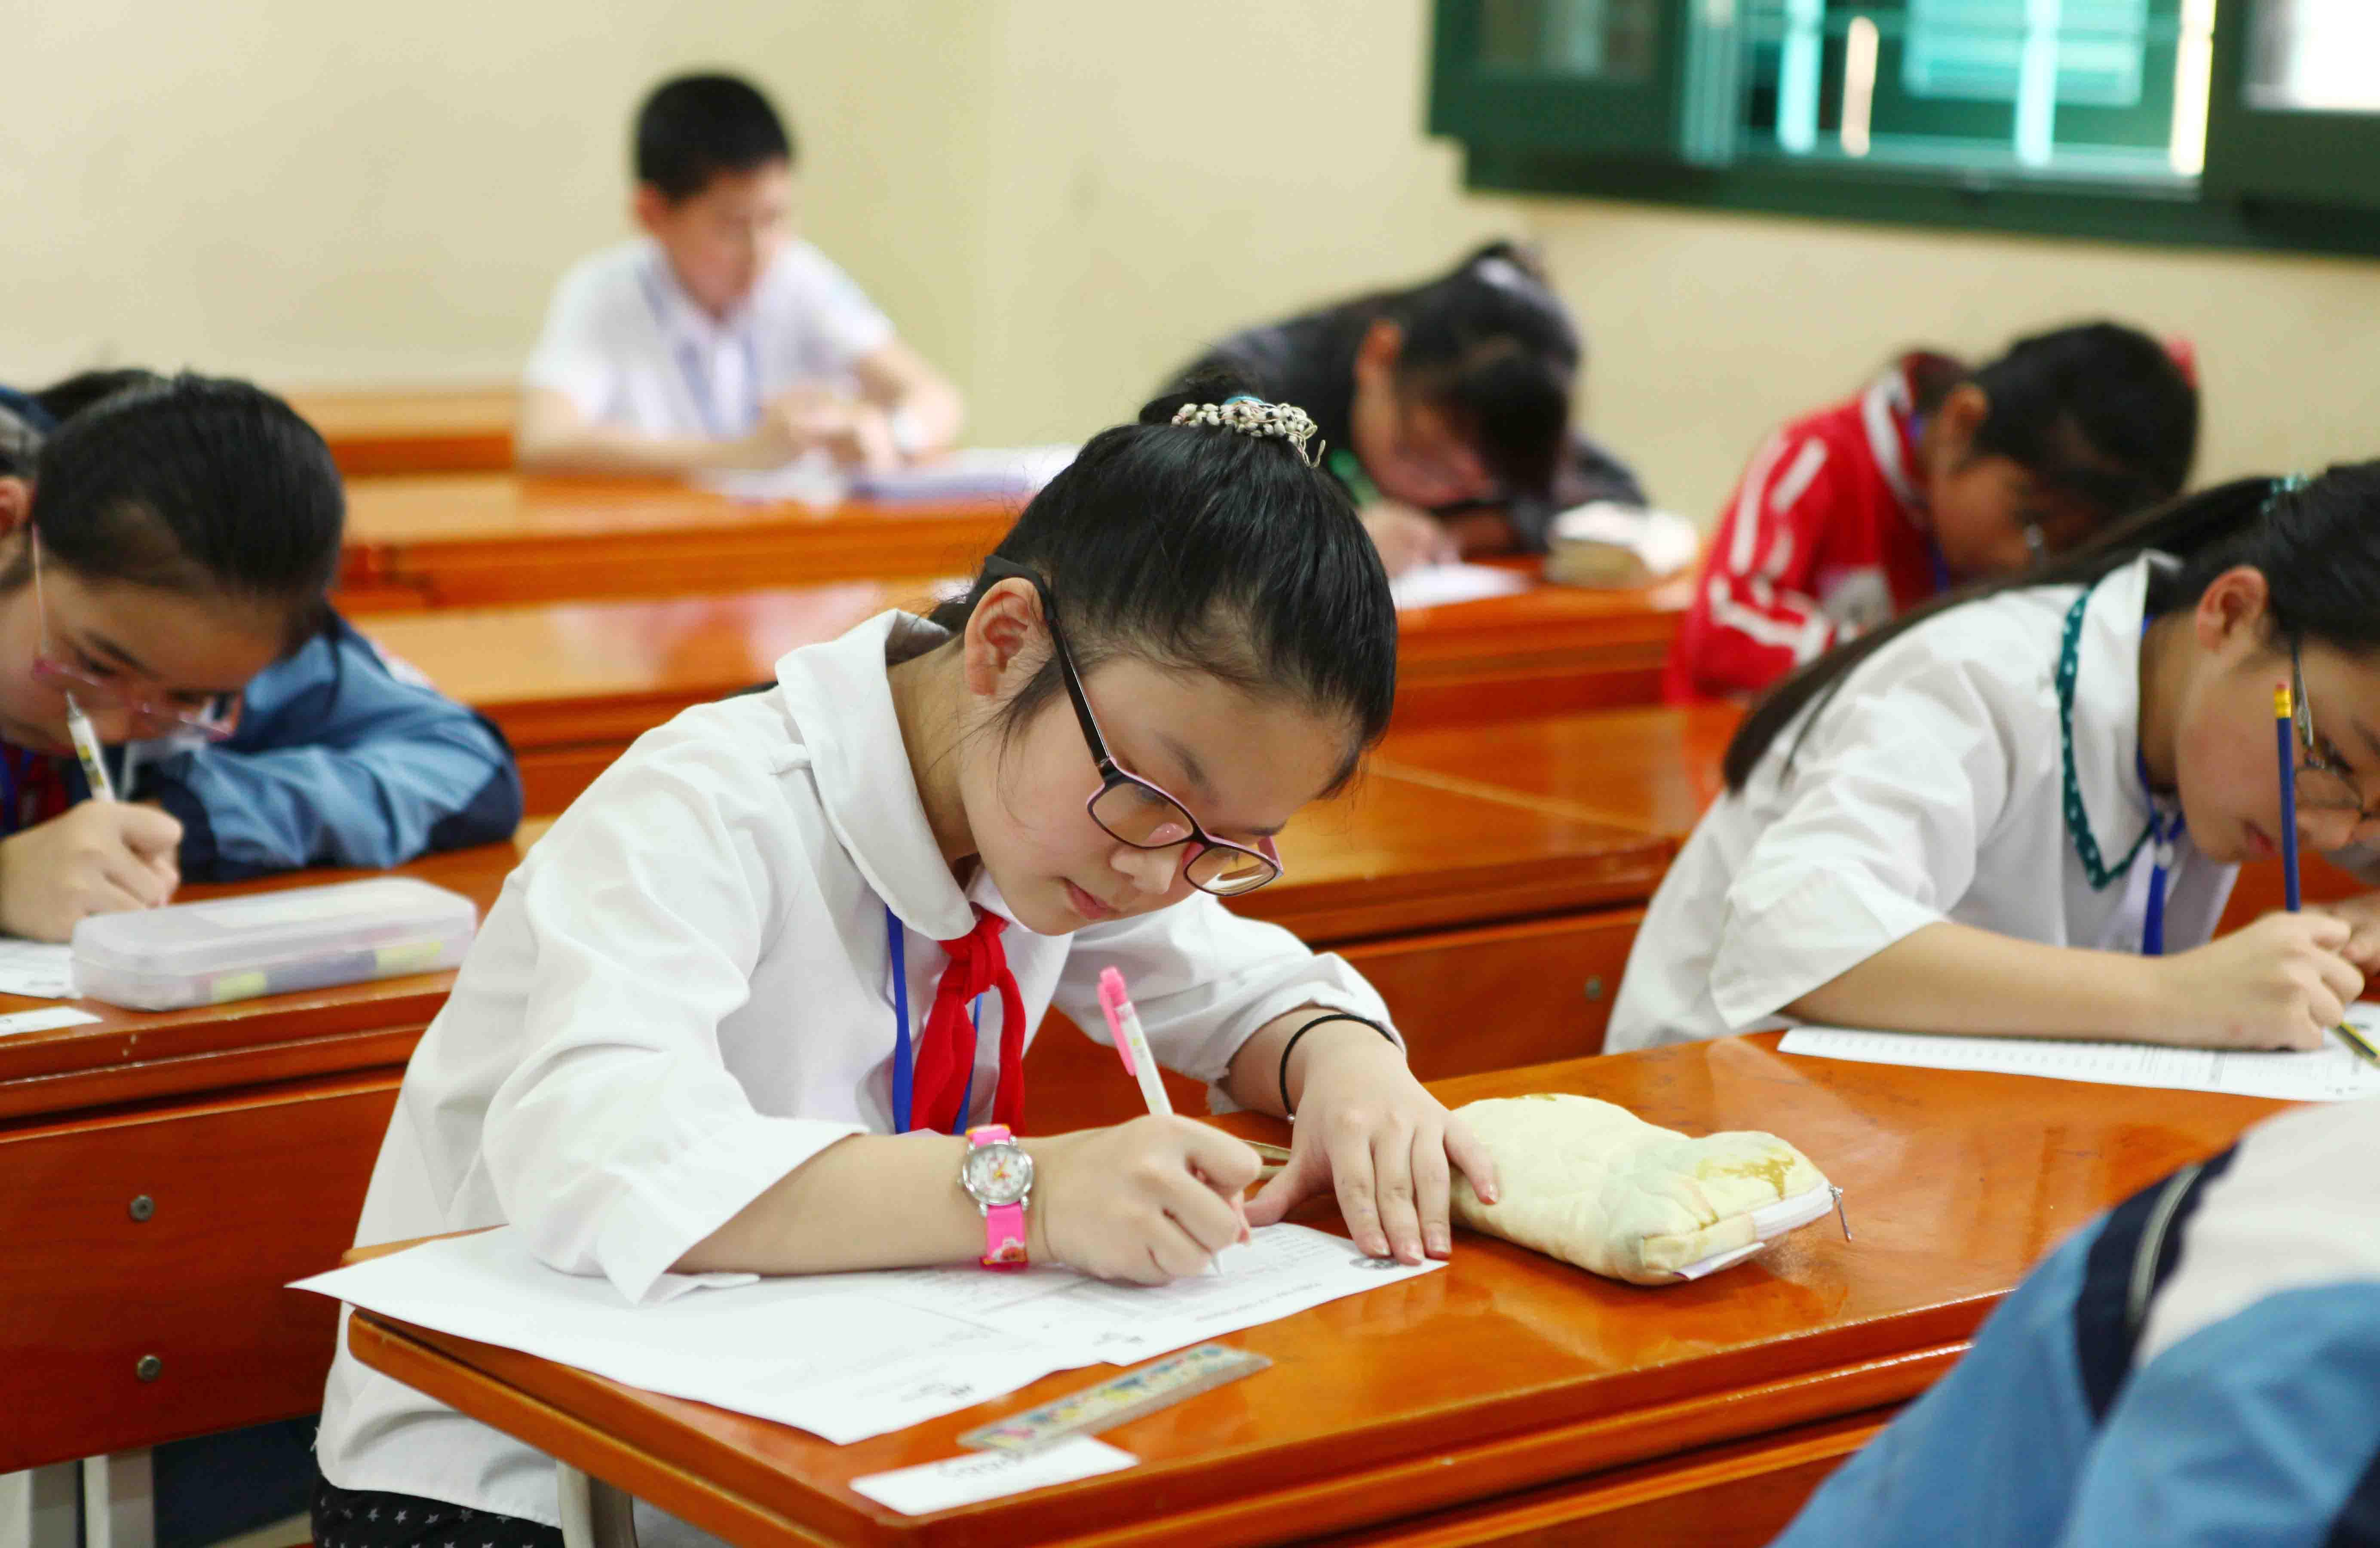 Đề thi học kì 1 môn Toán lớp 7 - Bắc Giang 2015